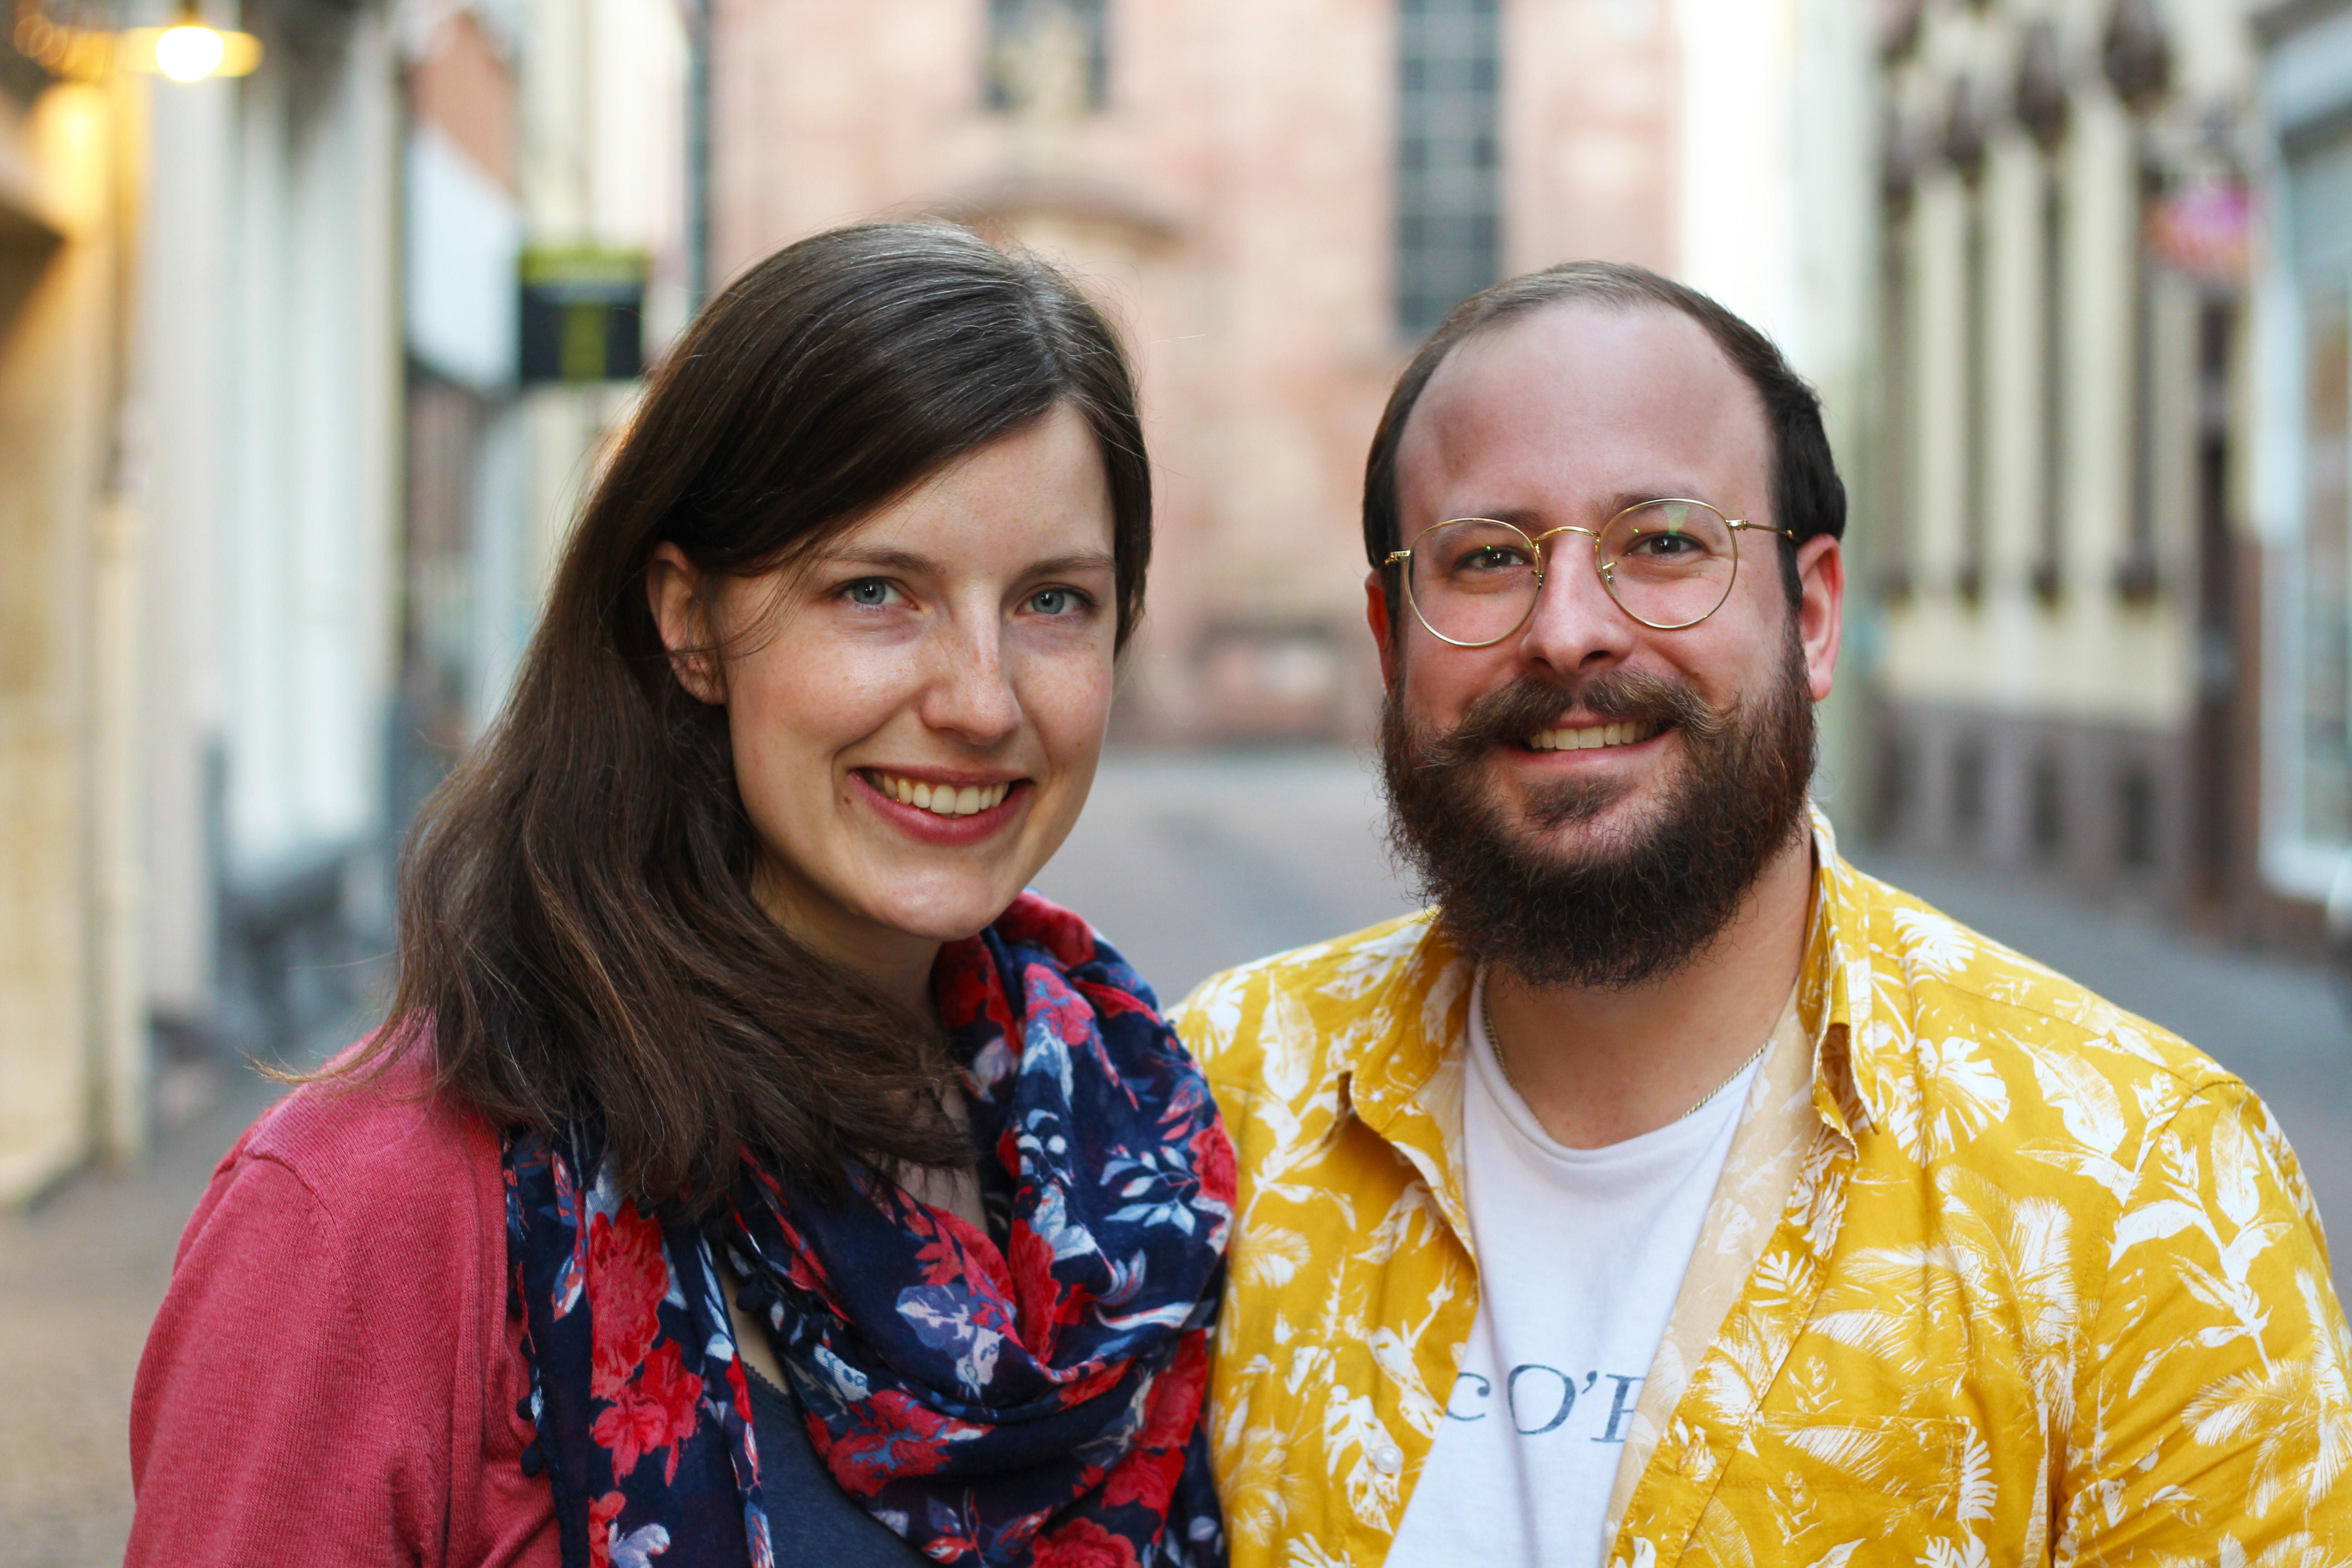 Auf nach Peru! Miriam und Niklas Mölleney gehen für 2 Jahre in den missionarischen Dienst nach Peru